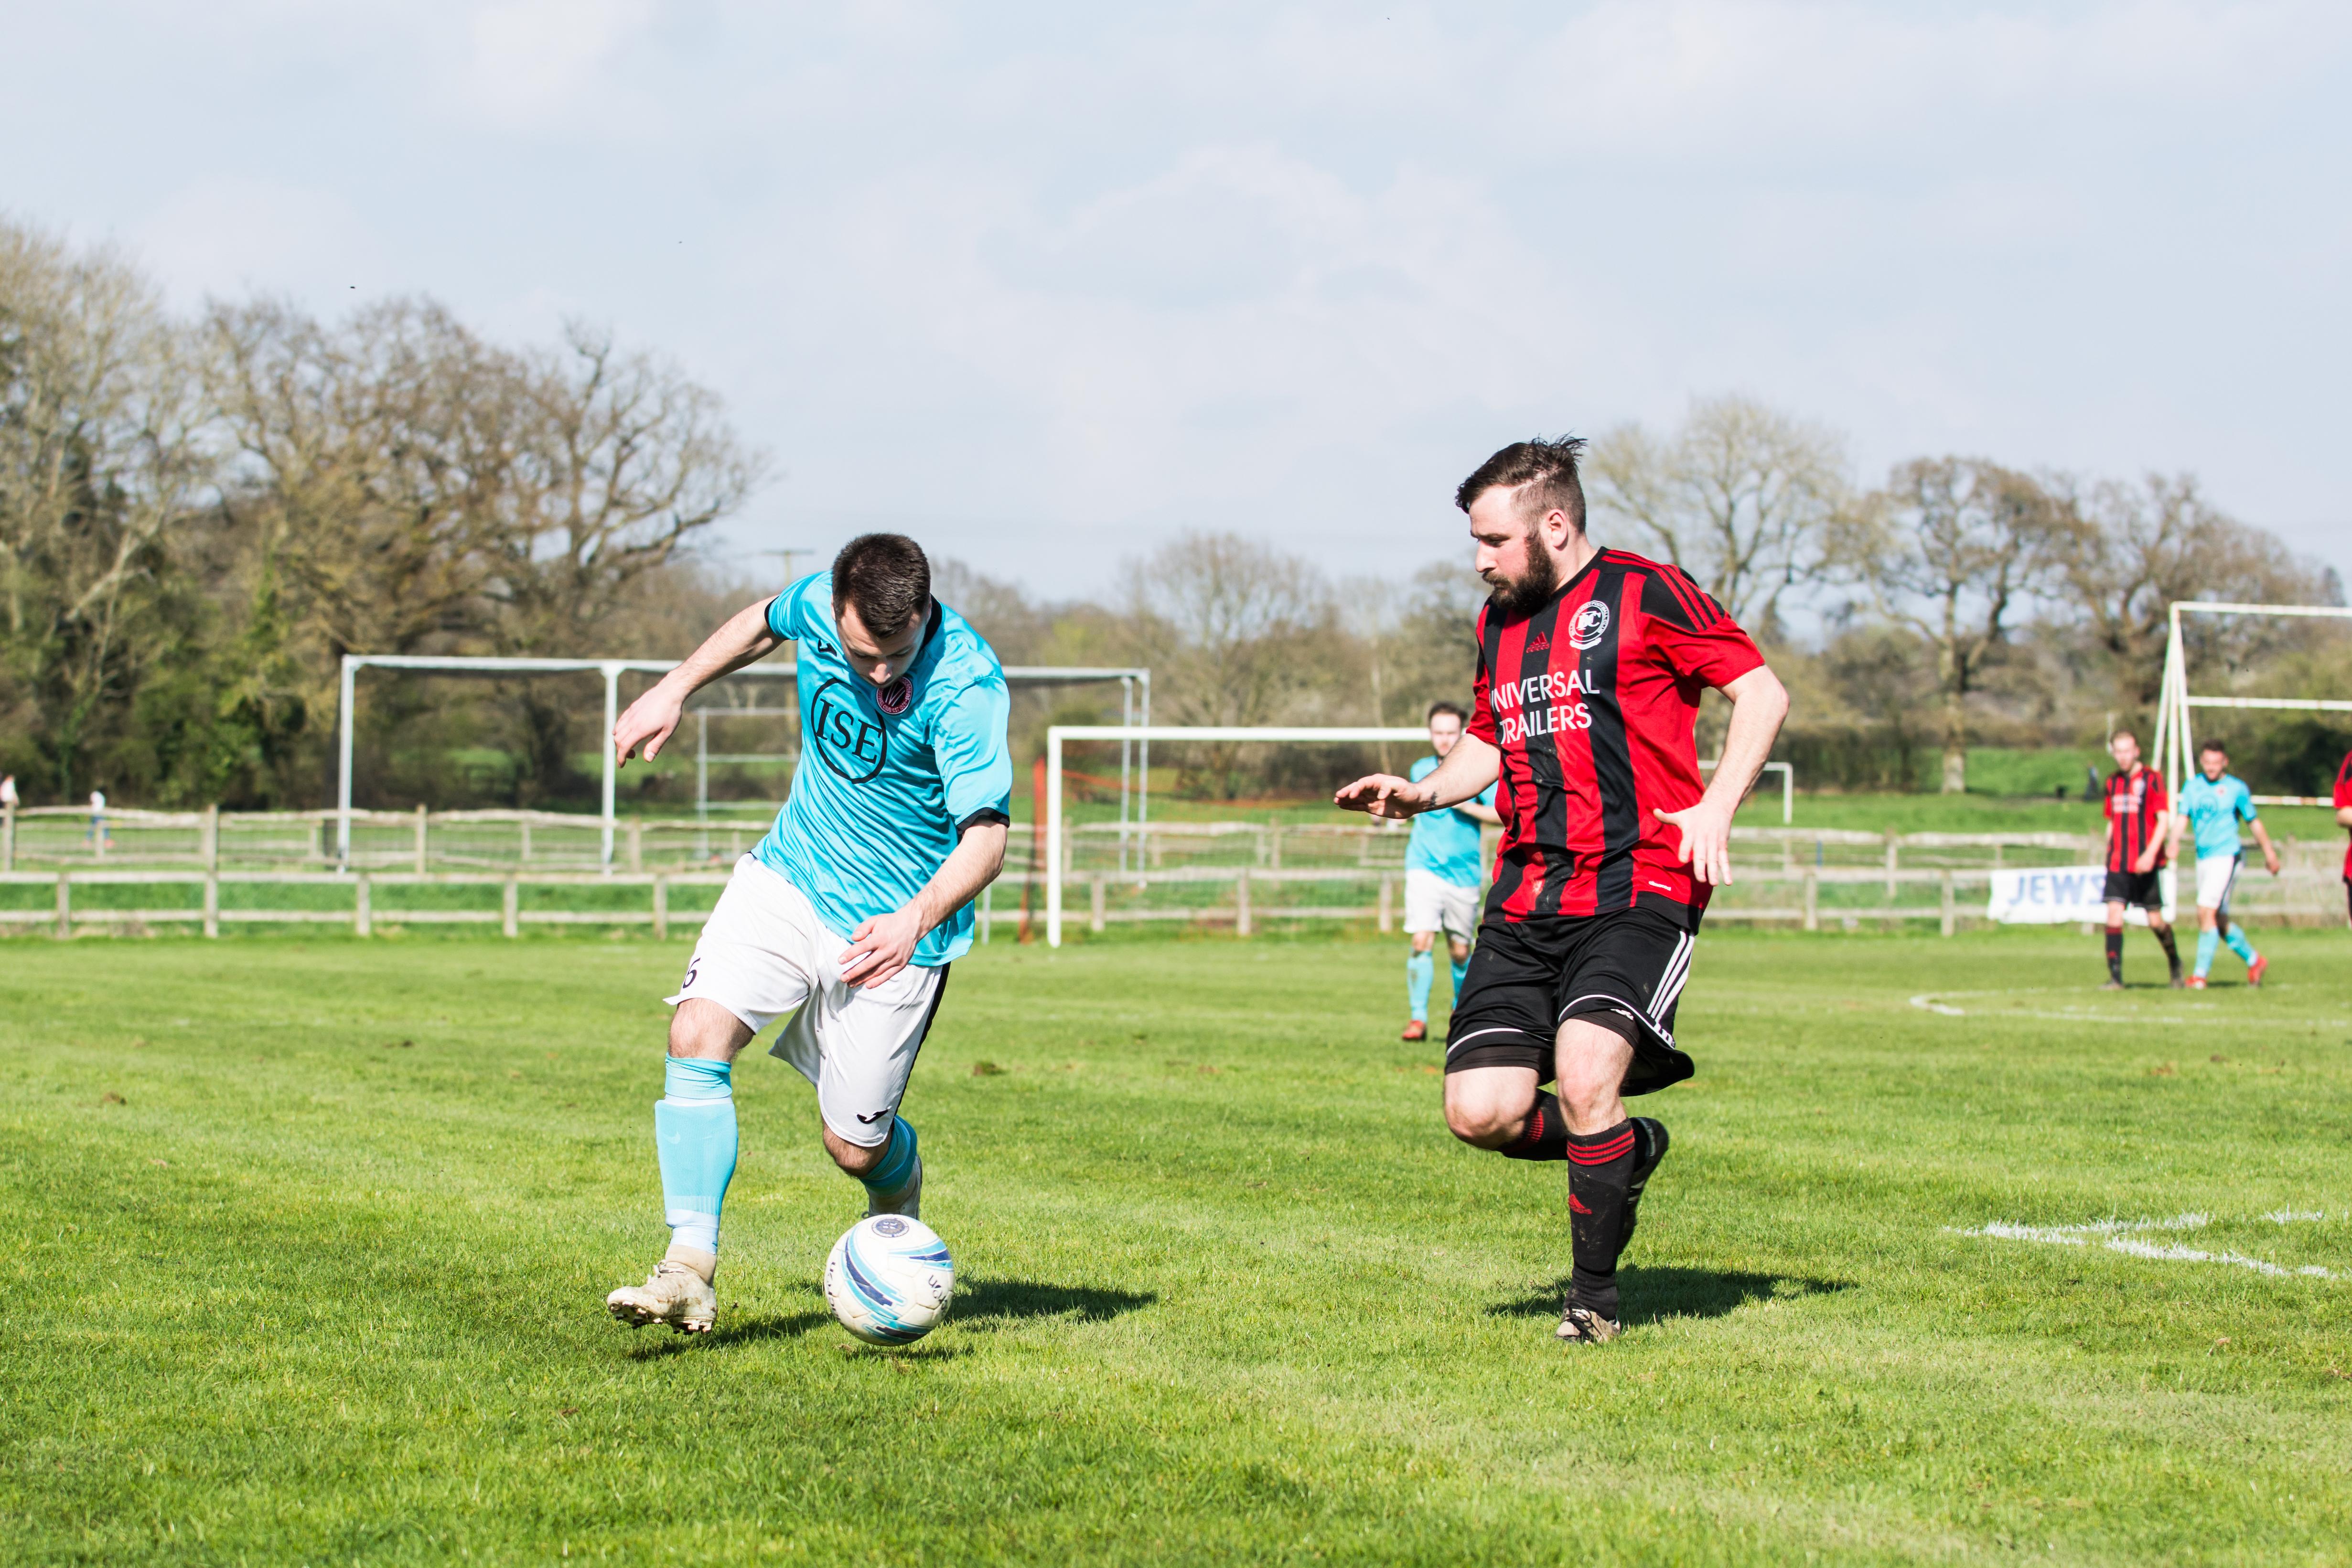 DAVID_JEFFERY Billingshurst FC vs AFC Varndeanians 14.04.18 86